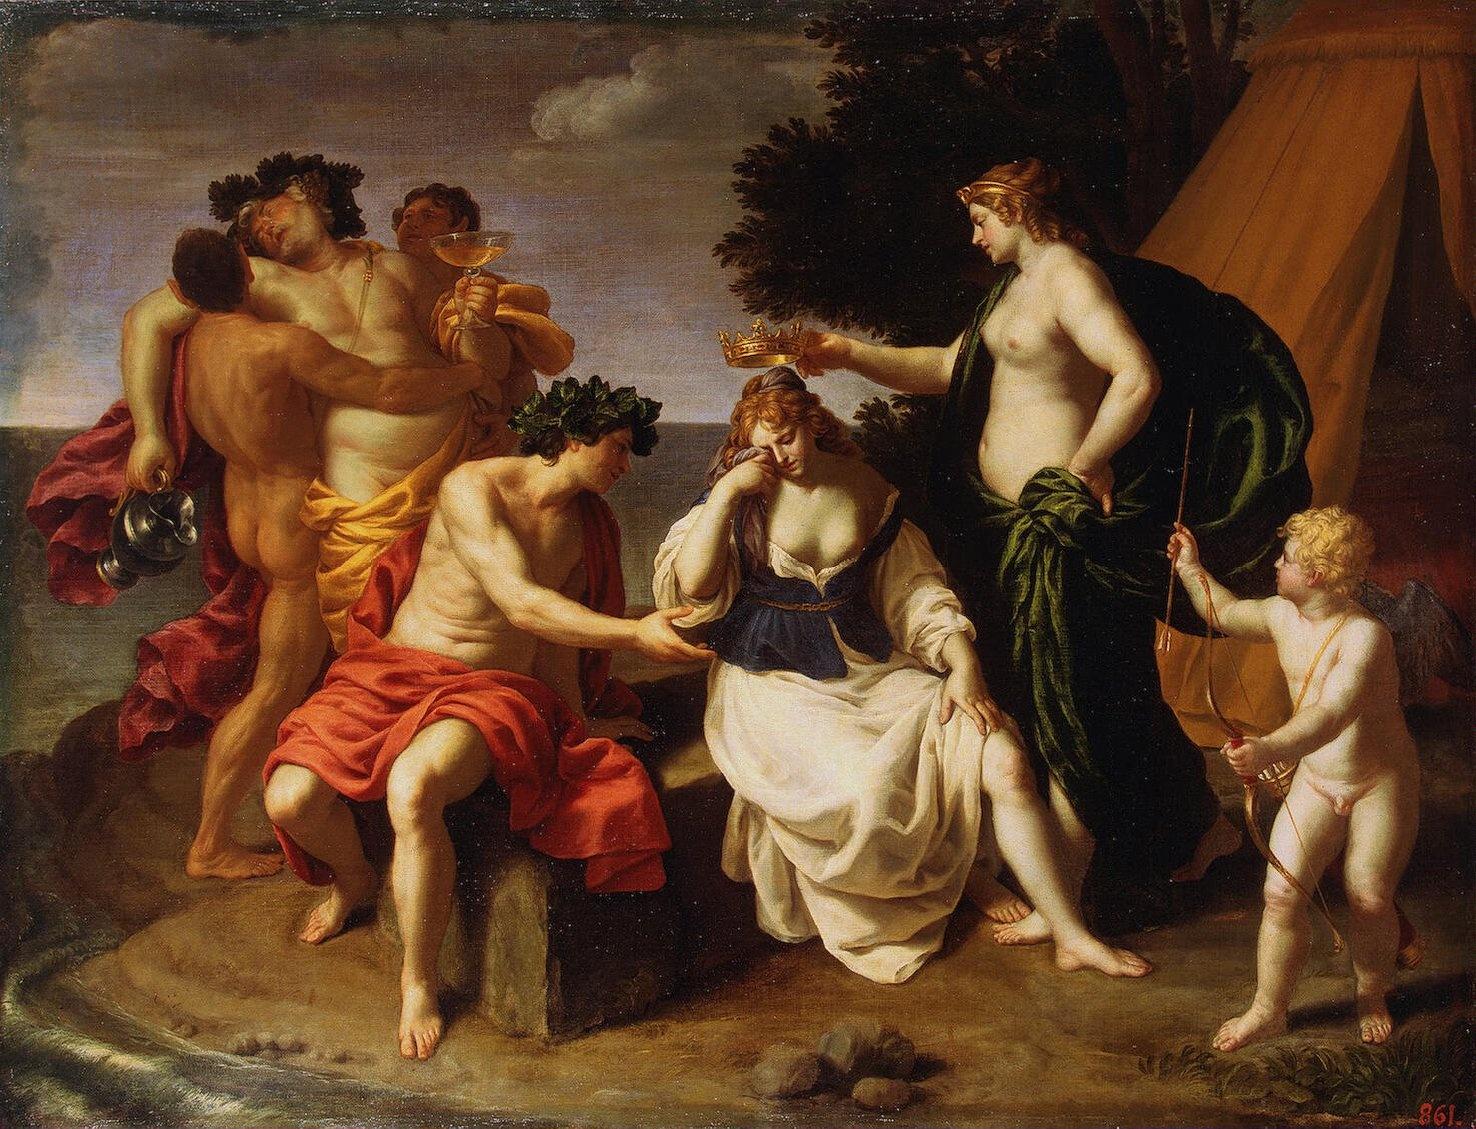 http://upload.wikimedia.org/wikipedia/commons/2/26/Alessandro_Turchi_%28L%27Orbetto%29_-_Bacchus_and_Ariadne_-_WGA23156.jpg